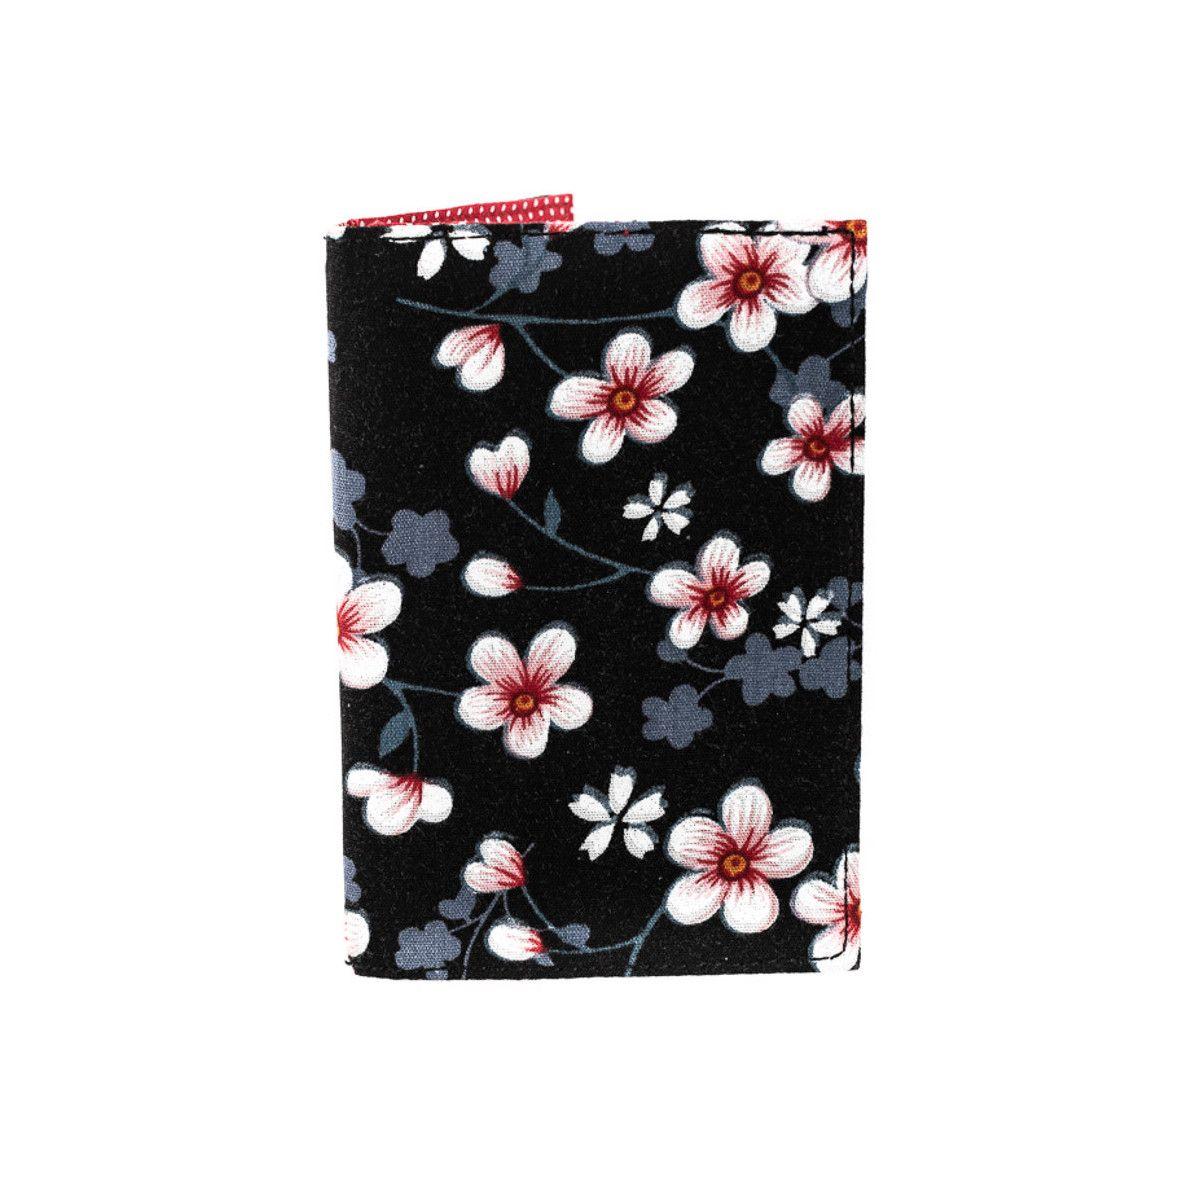 Porte-cartes rigide en coton noir à fleurs et rose cerise